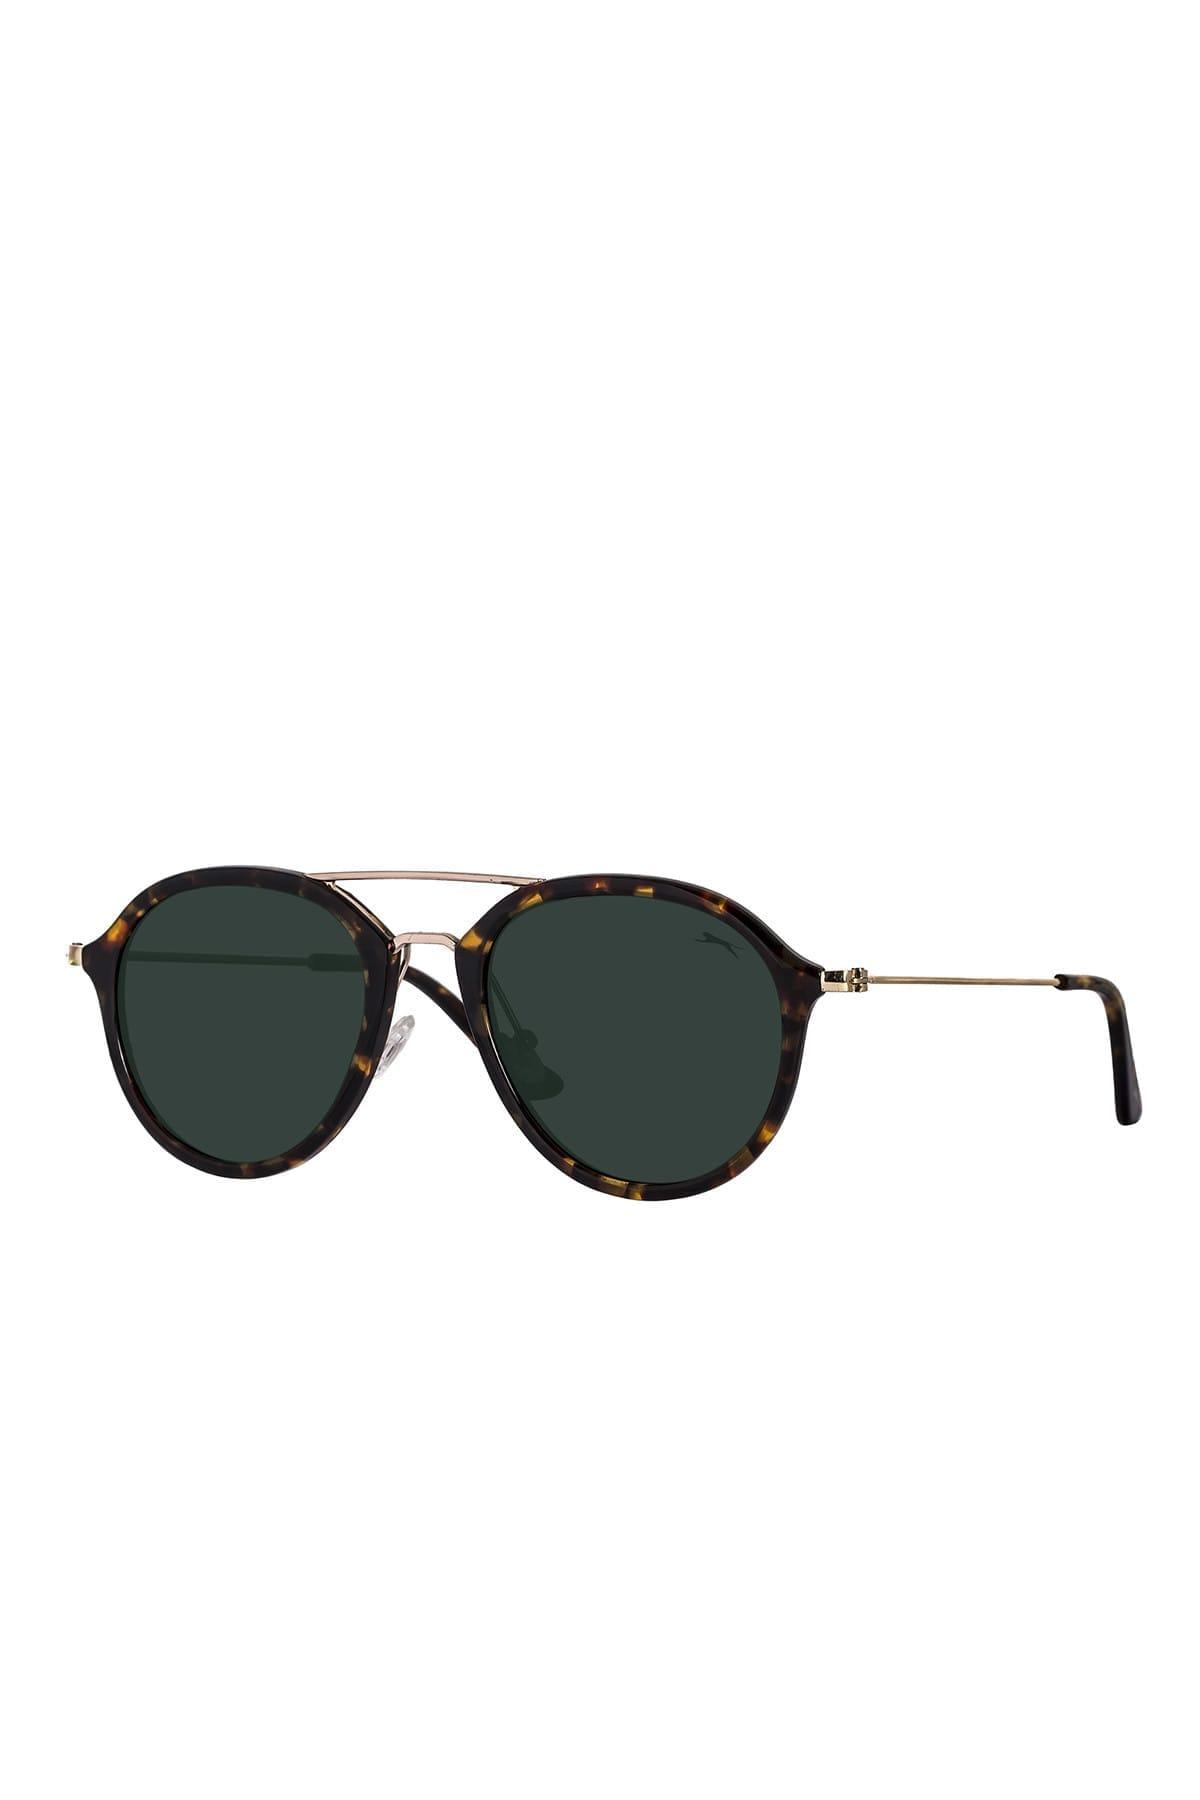 فروشگاه عینک دودی یونیسکس شیک برند اسلازنگر کد ty5923187